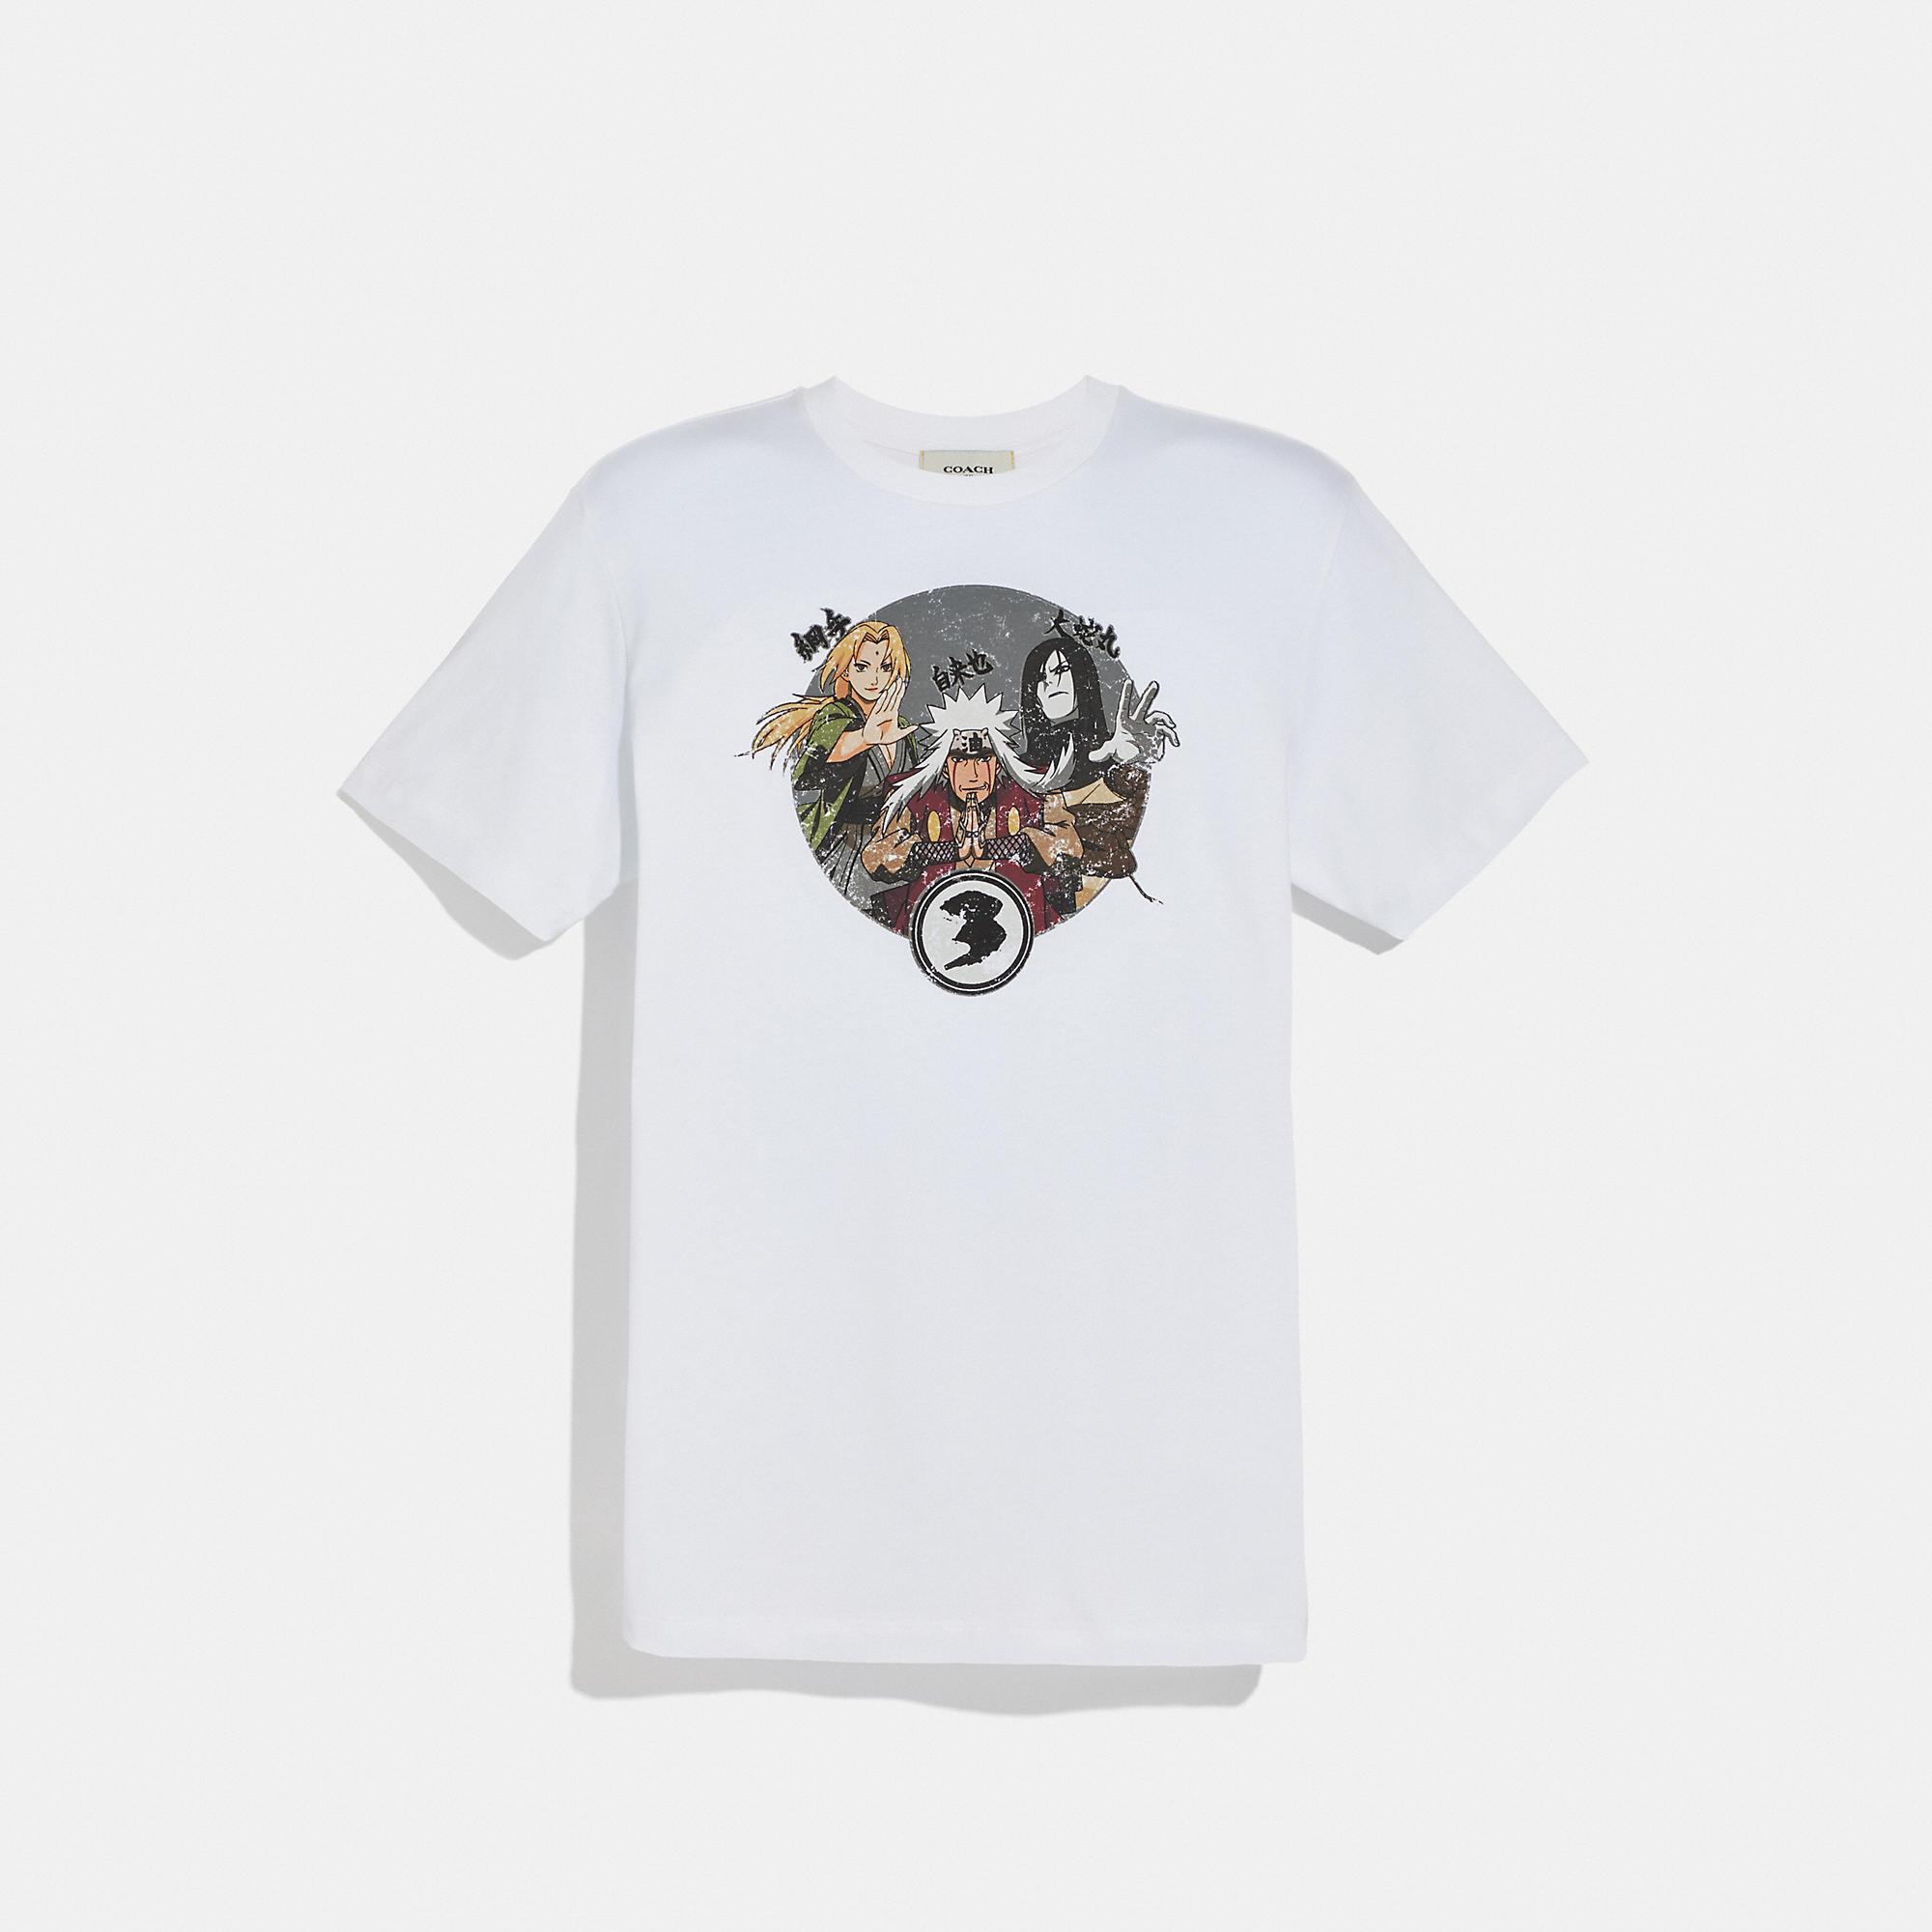 X Michael B. Jordan T-shirt